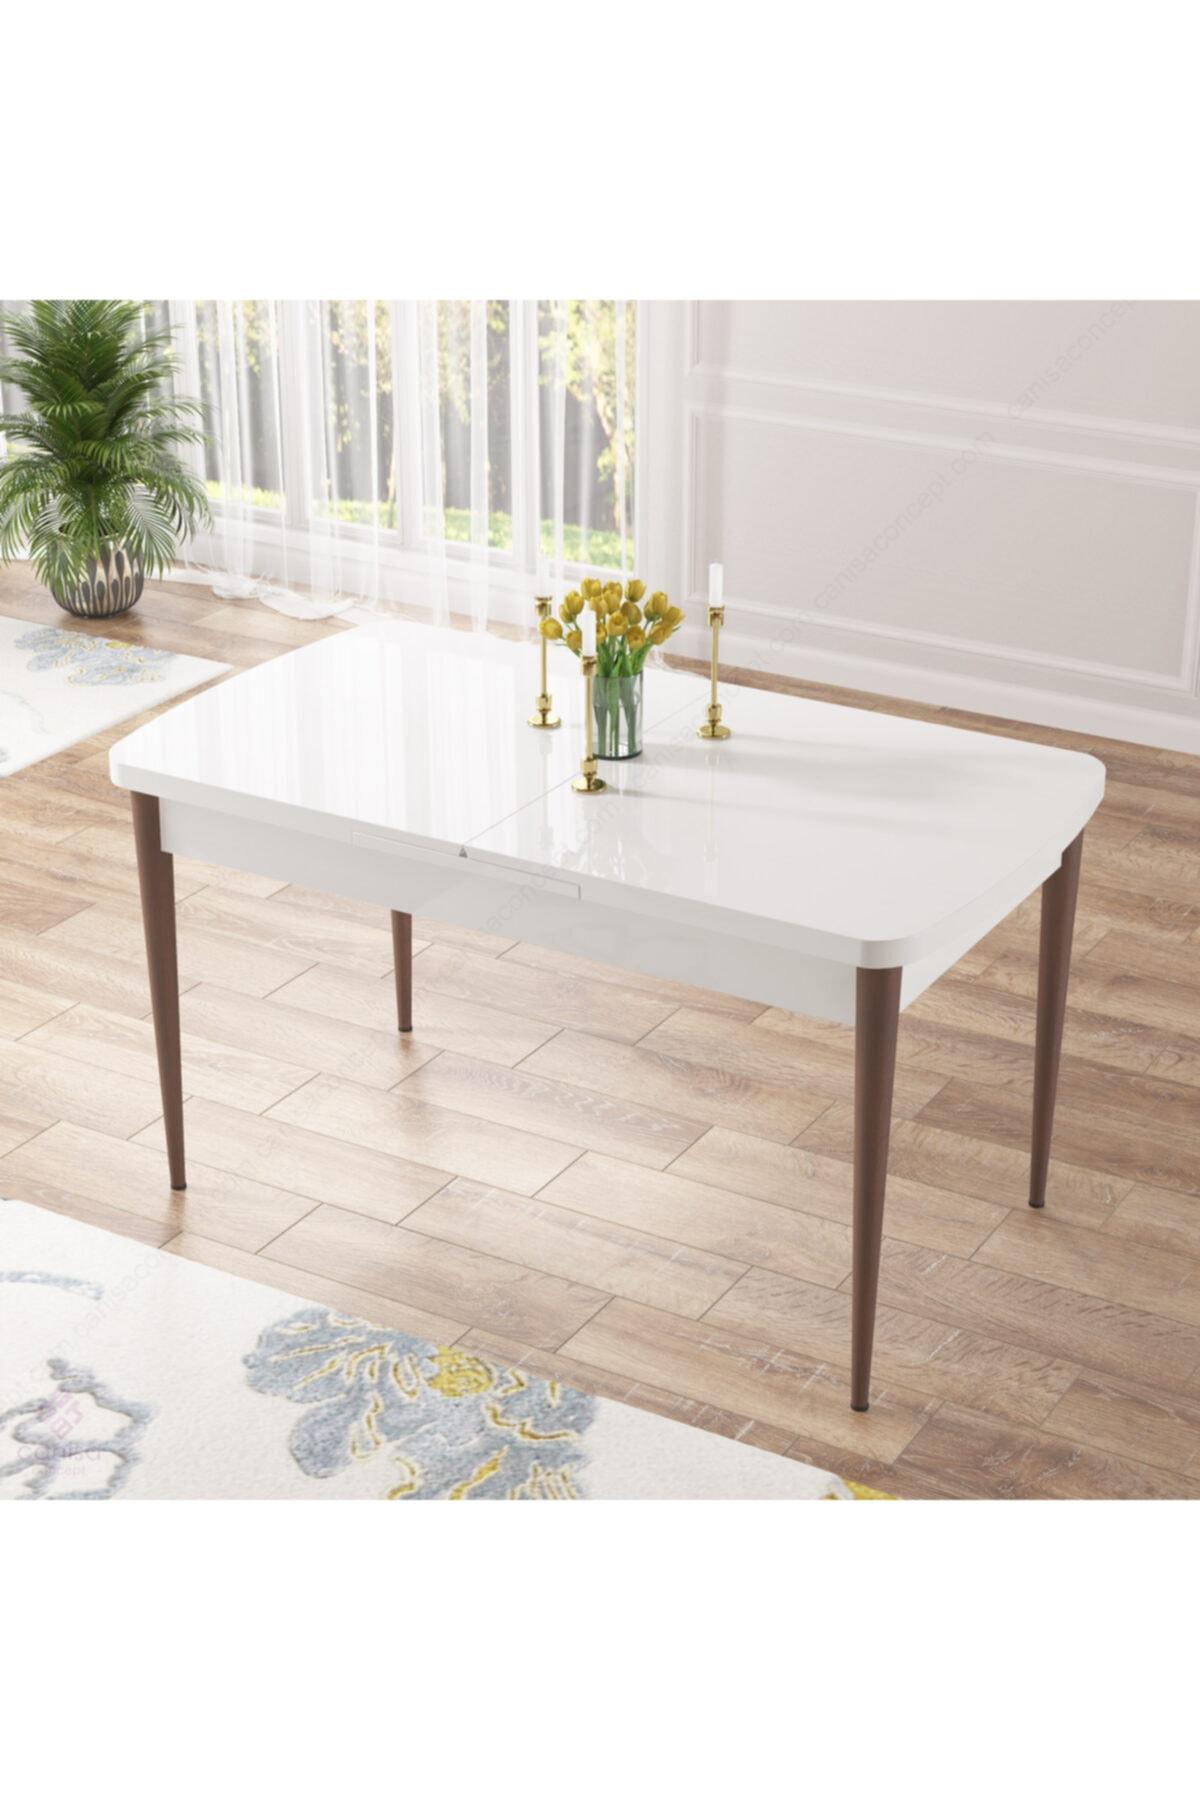 Beyaz Mdf ,Ahşap Ceviz Ayaklı Açılabilir Üst Kalite Mutfak Masası